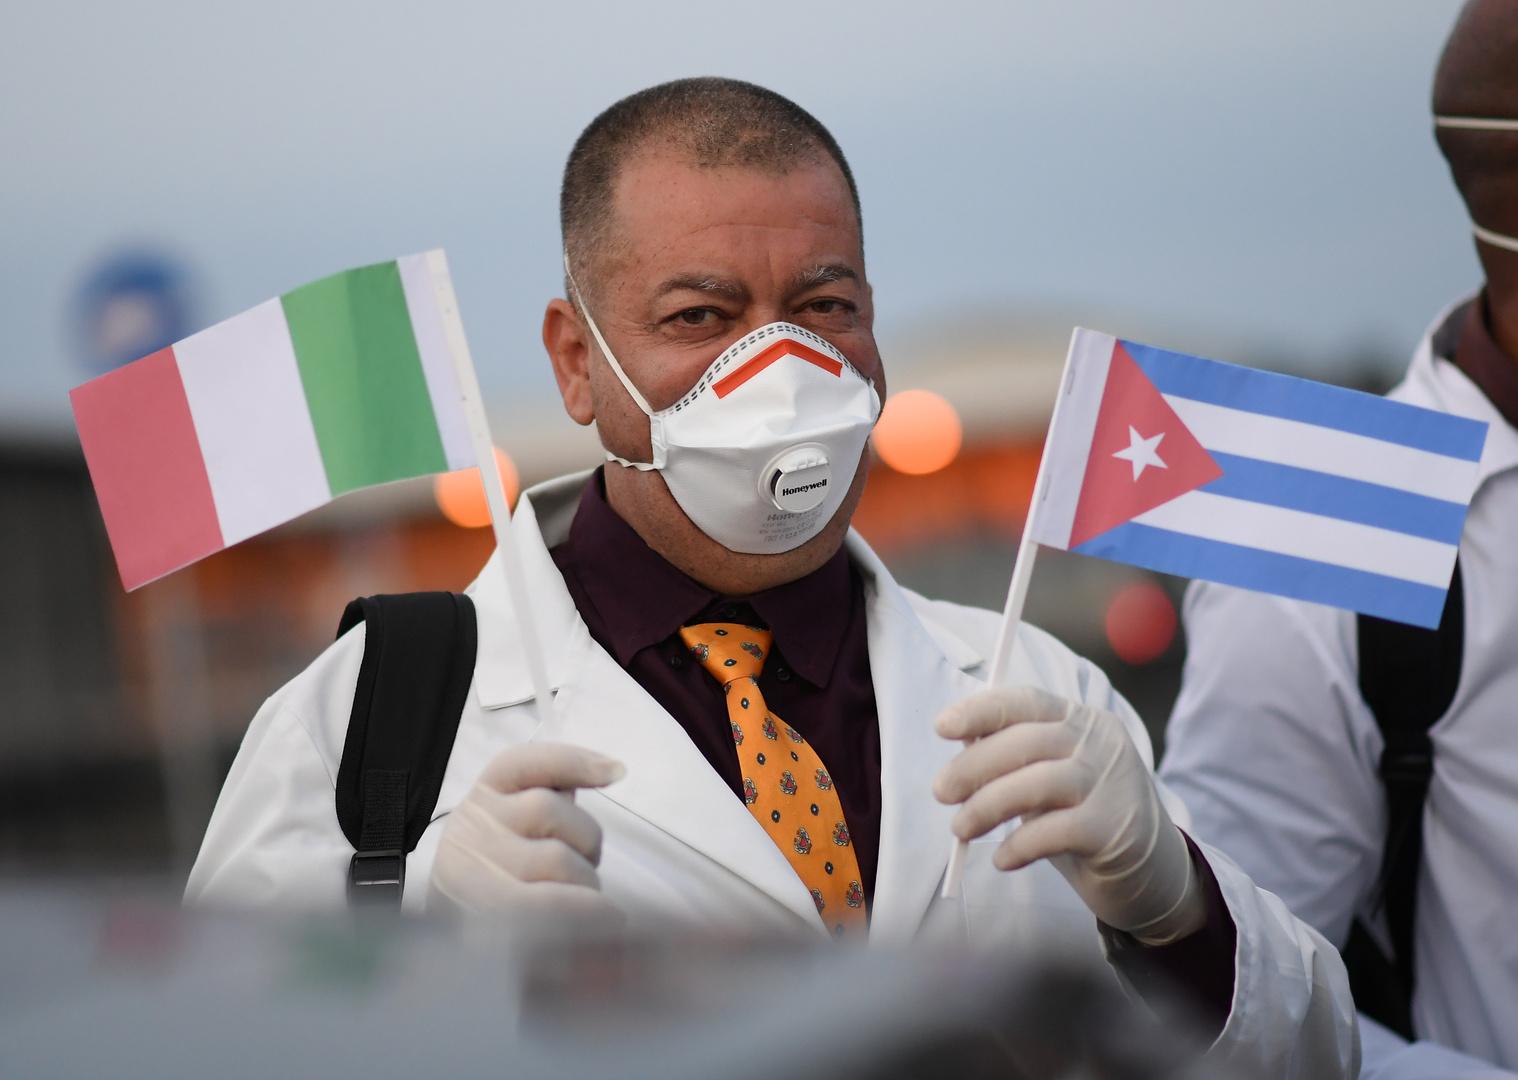 L'internationalisme des médecins cubains : une longue histoire révolutionnaire